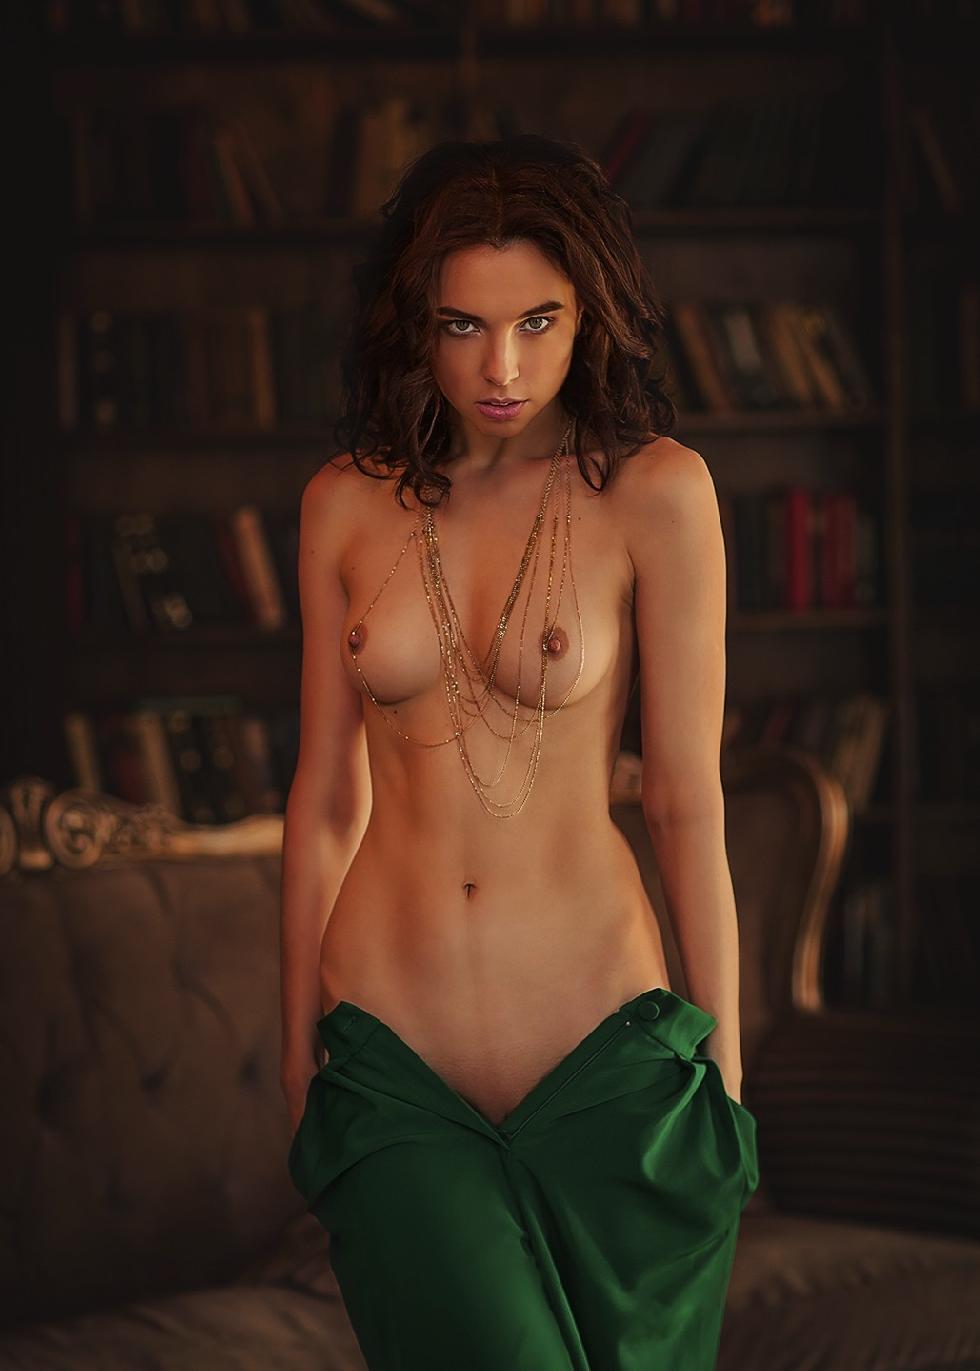 Weekly erotic picdump - 36/2017 - 12